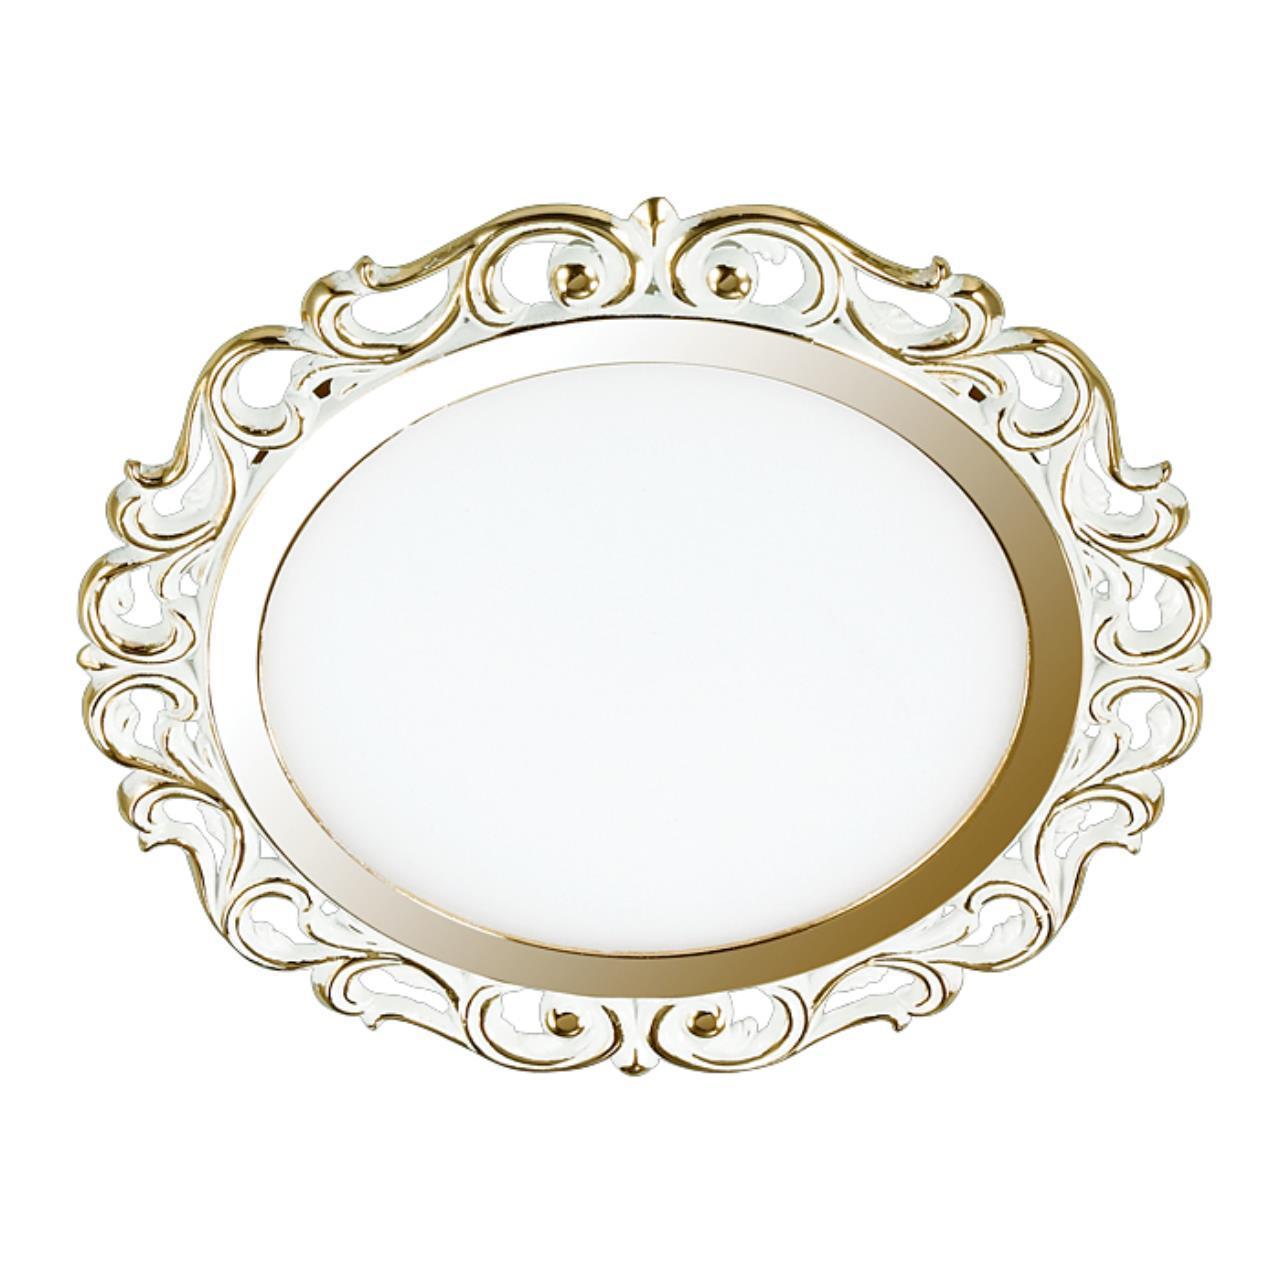 357264 SPOT NT16 141 белый/золото Встраиваемый светильник IP20 LED 3000K 12W 220-240V PEILI